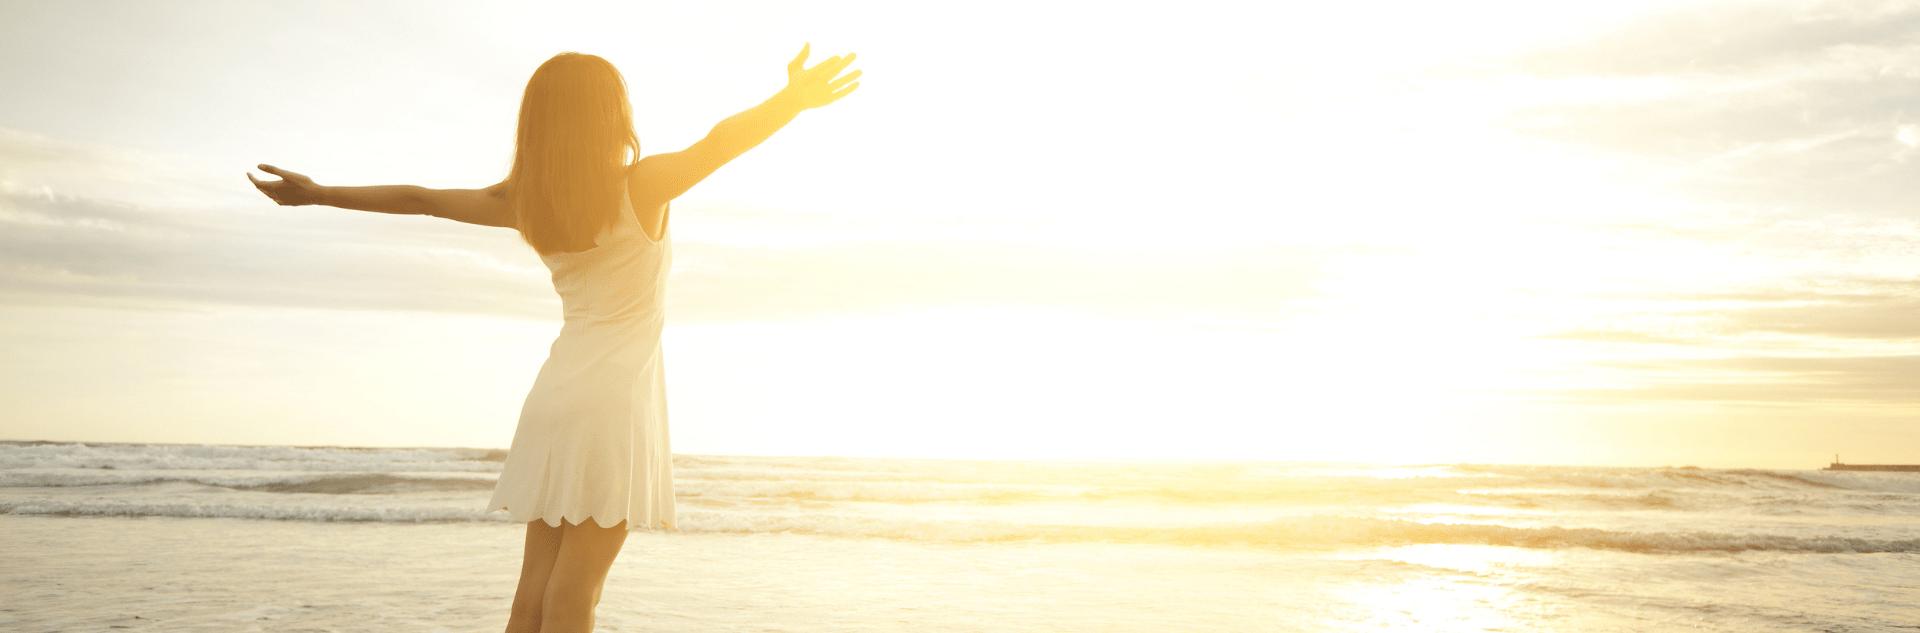 Frau mit offenen Armen am Strand